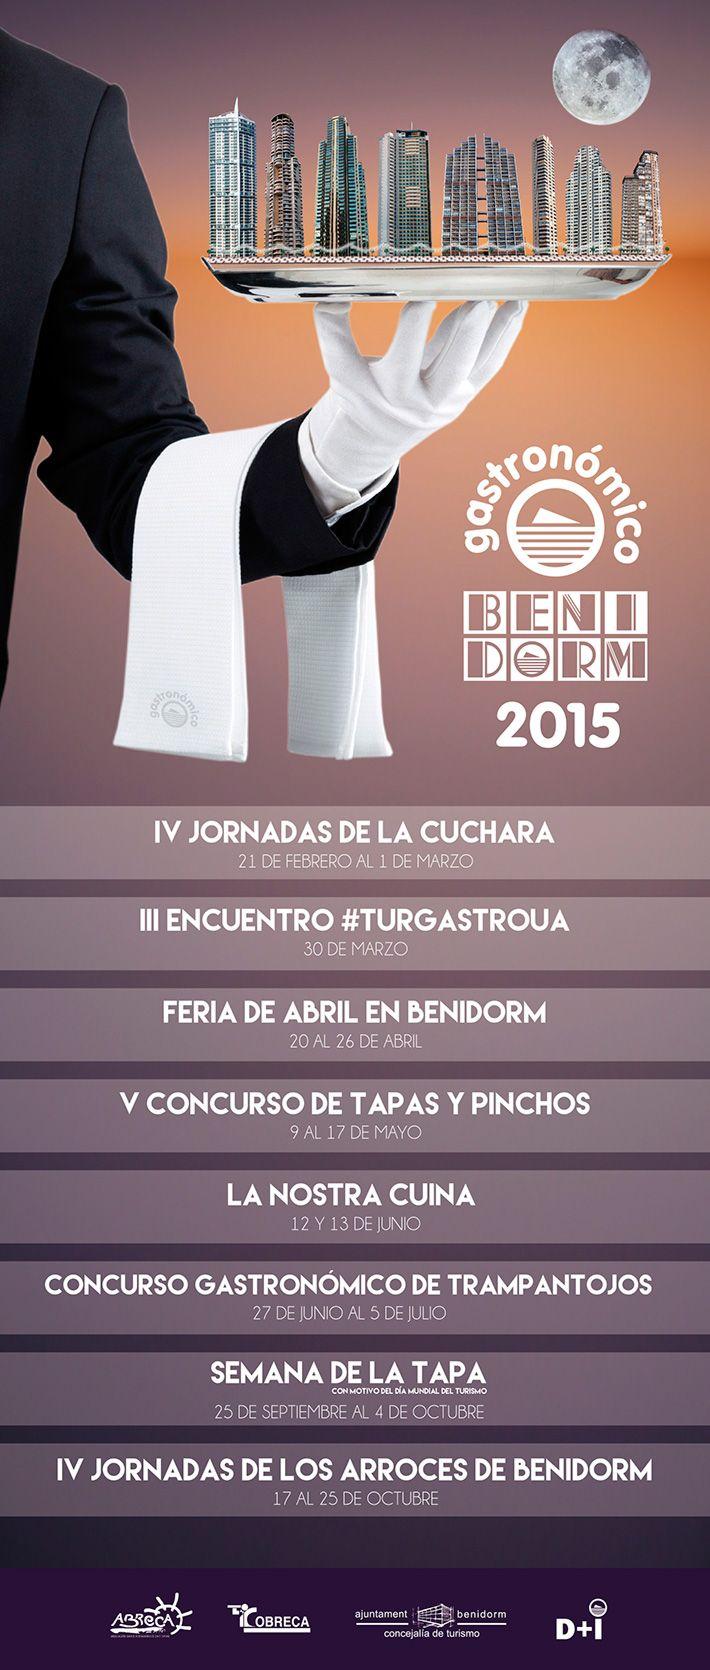 jornadas2015-2